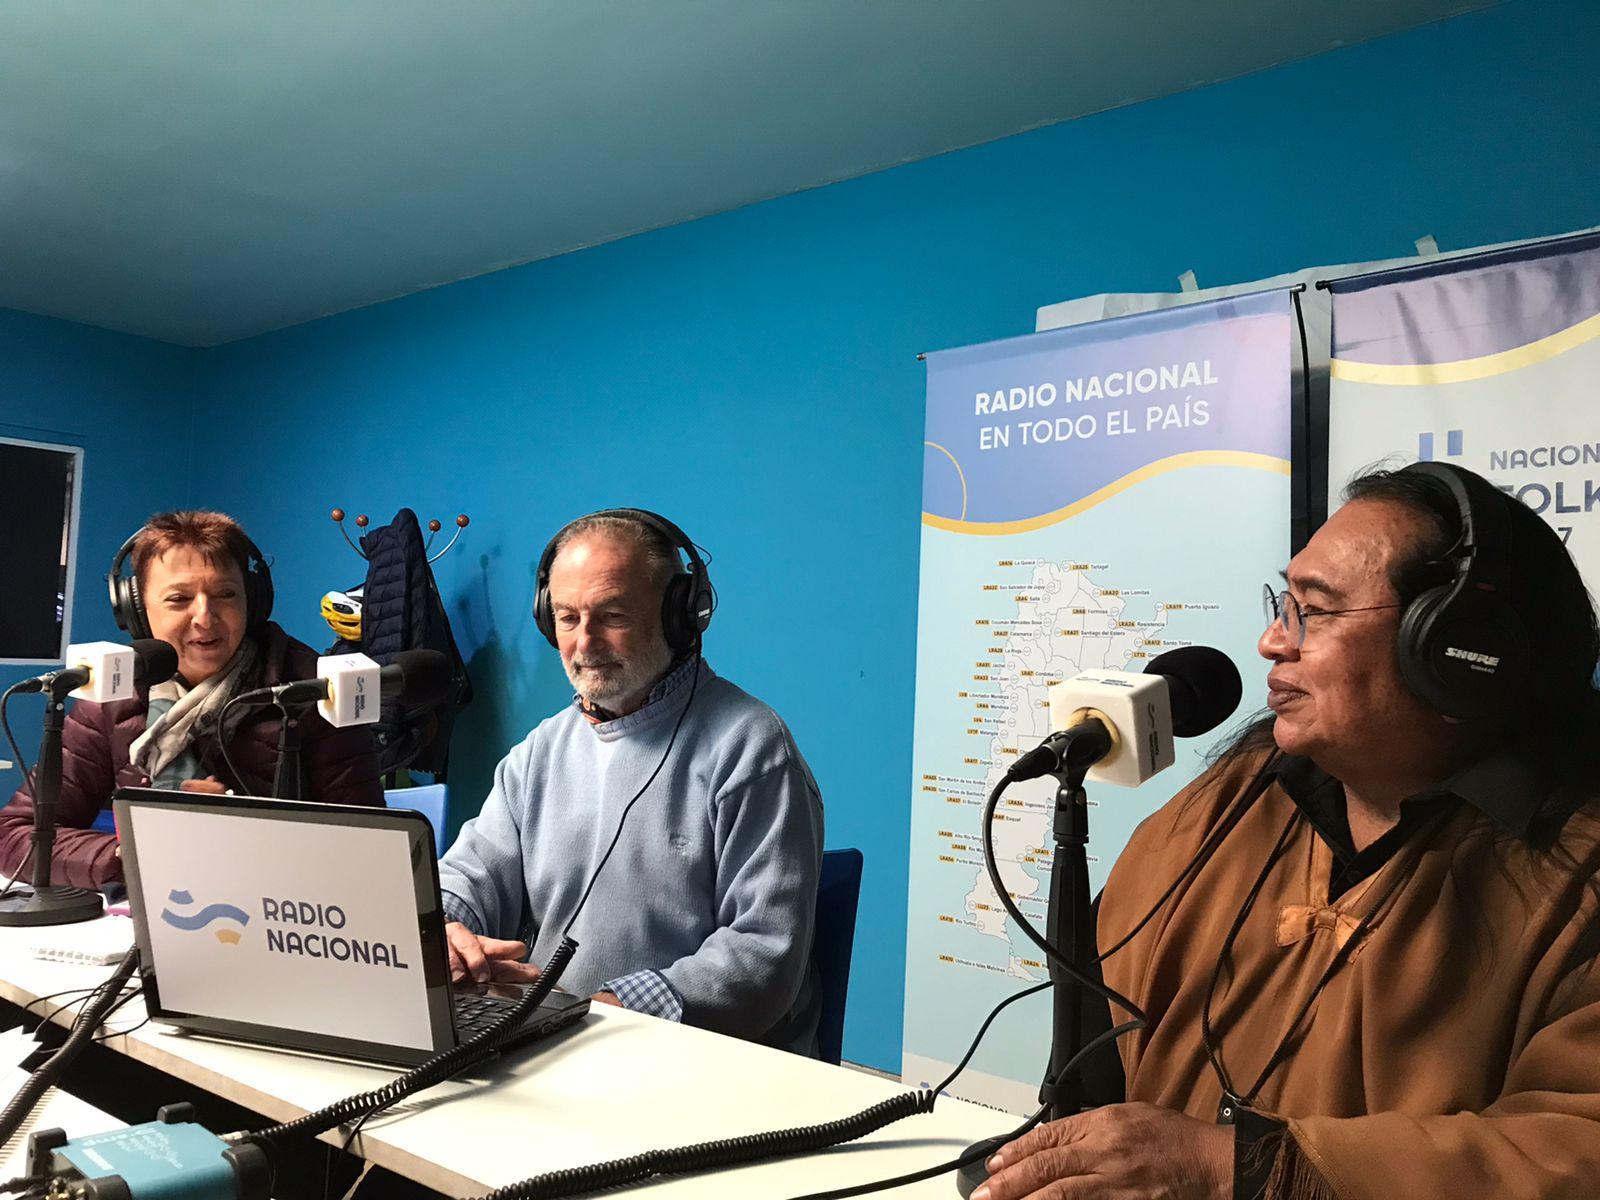 Luisa Valmaggia y Horacio Embón junto a Tomás Lipán